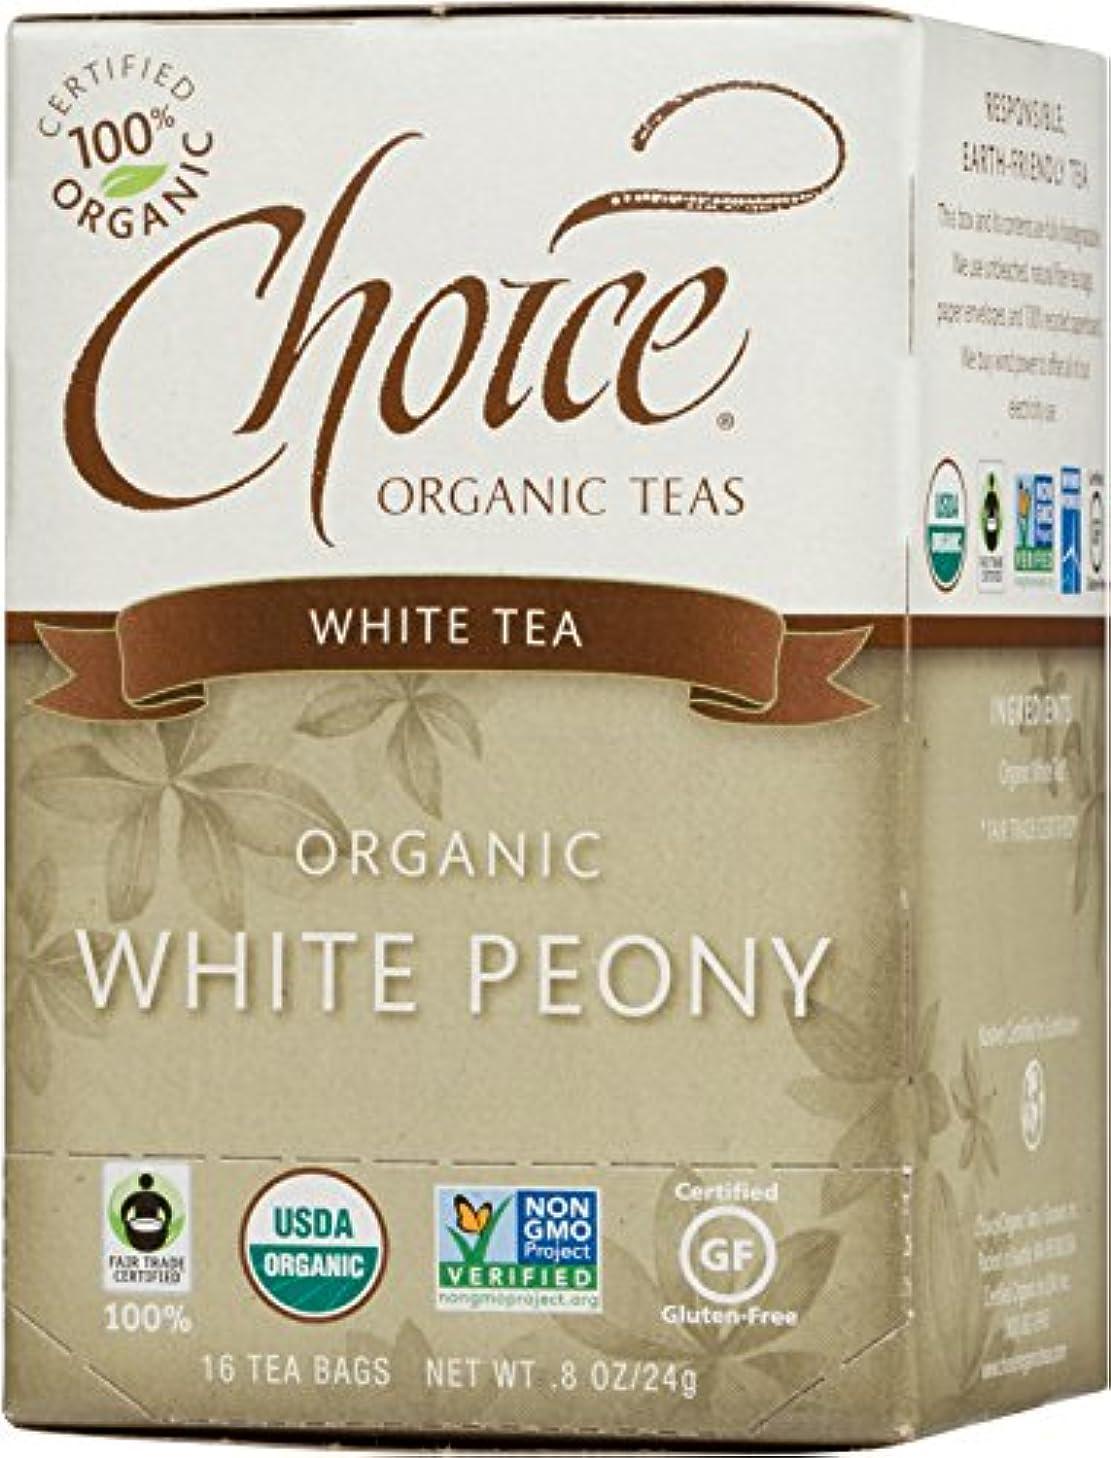 ジャンク待つ唇海外直送品Choice Organic Teas White Peony Tea, 16 BAGS